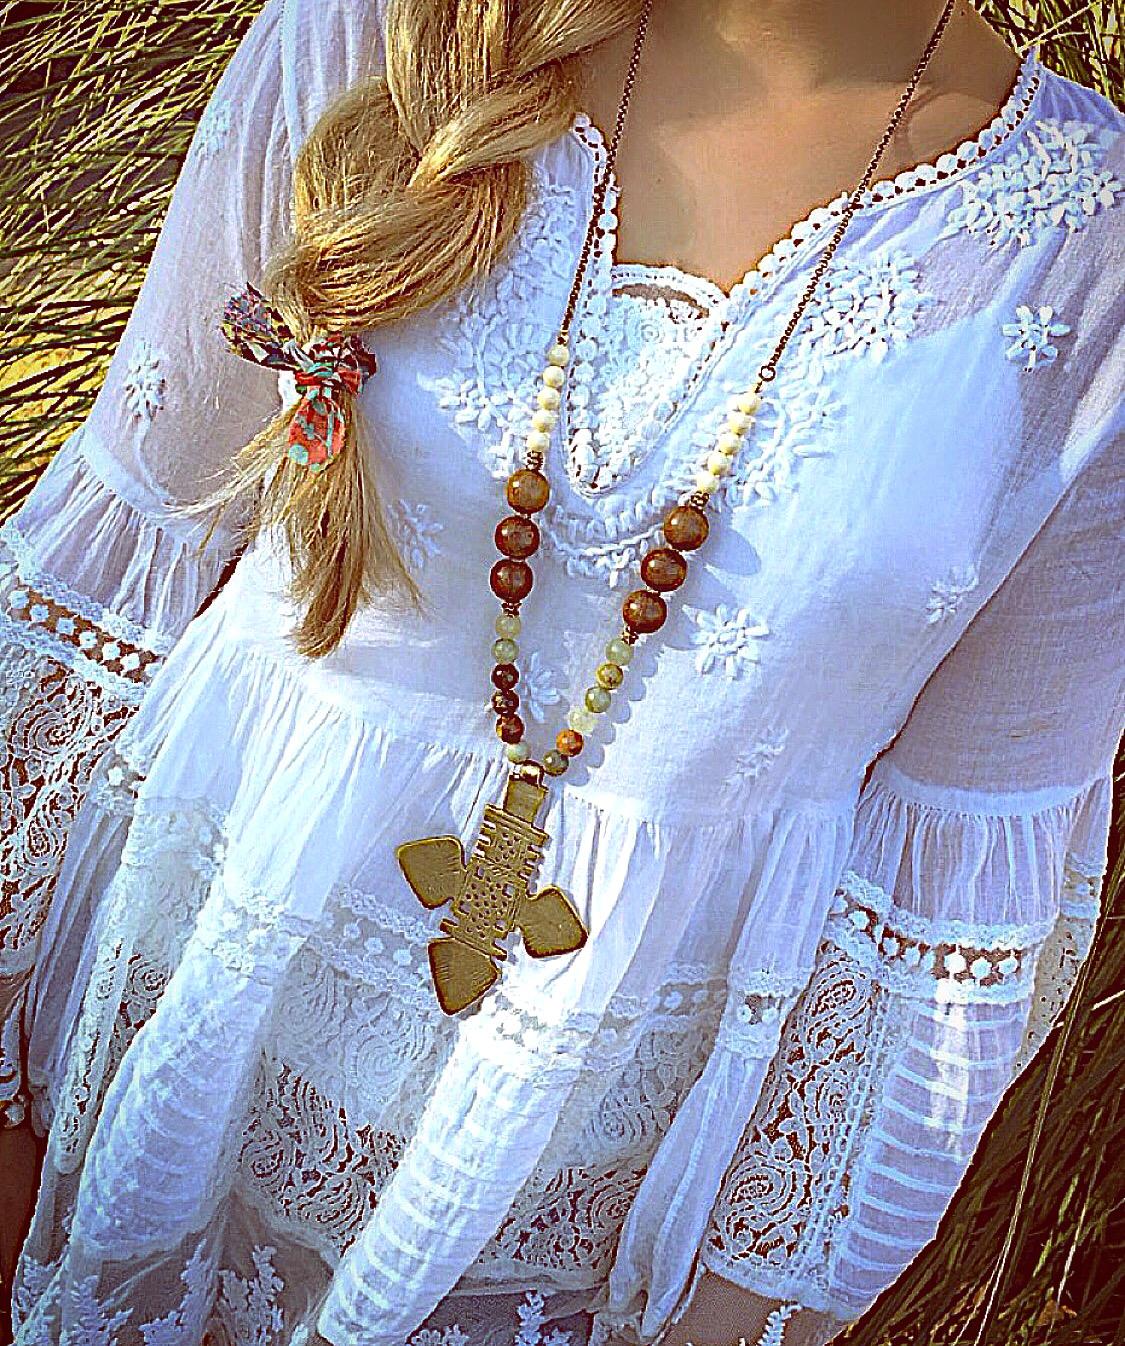 Large Ornate Brass Cross Necklace